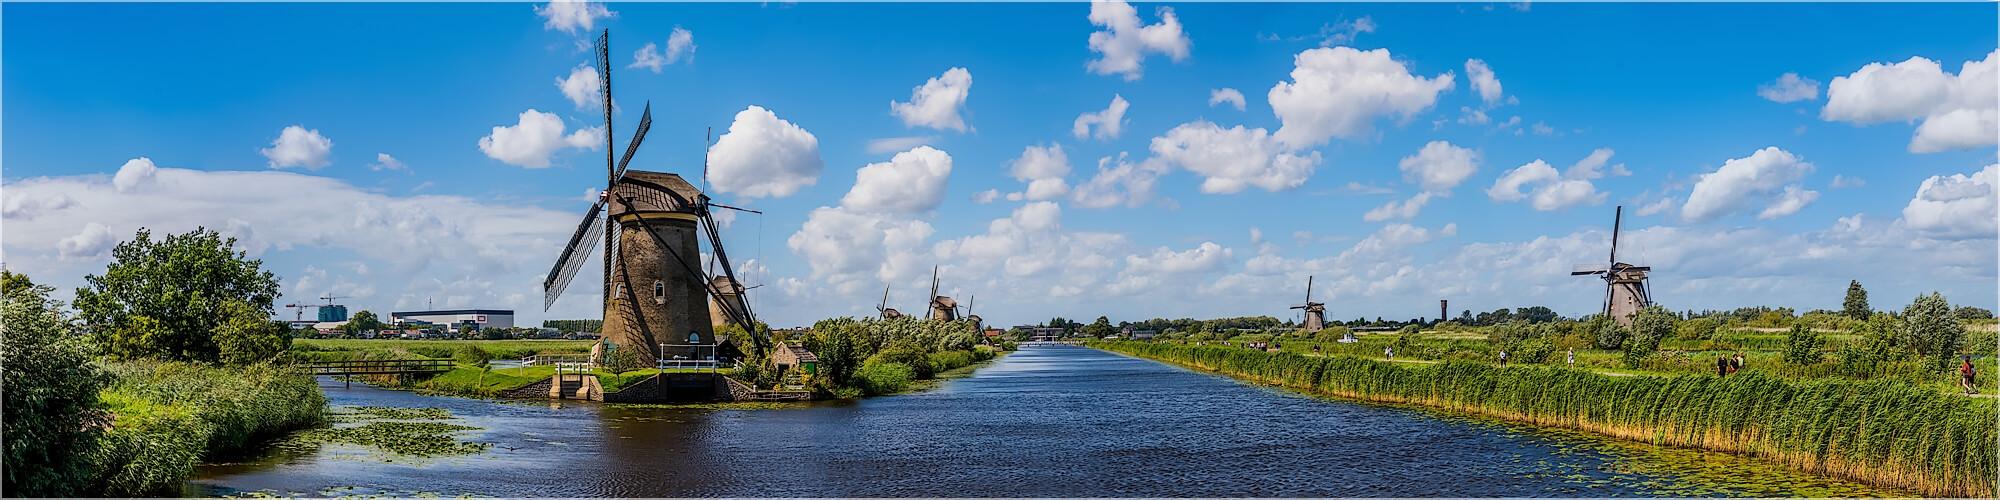 Panoramabild Windmühlen von Kinderdijk